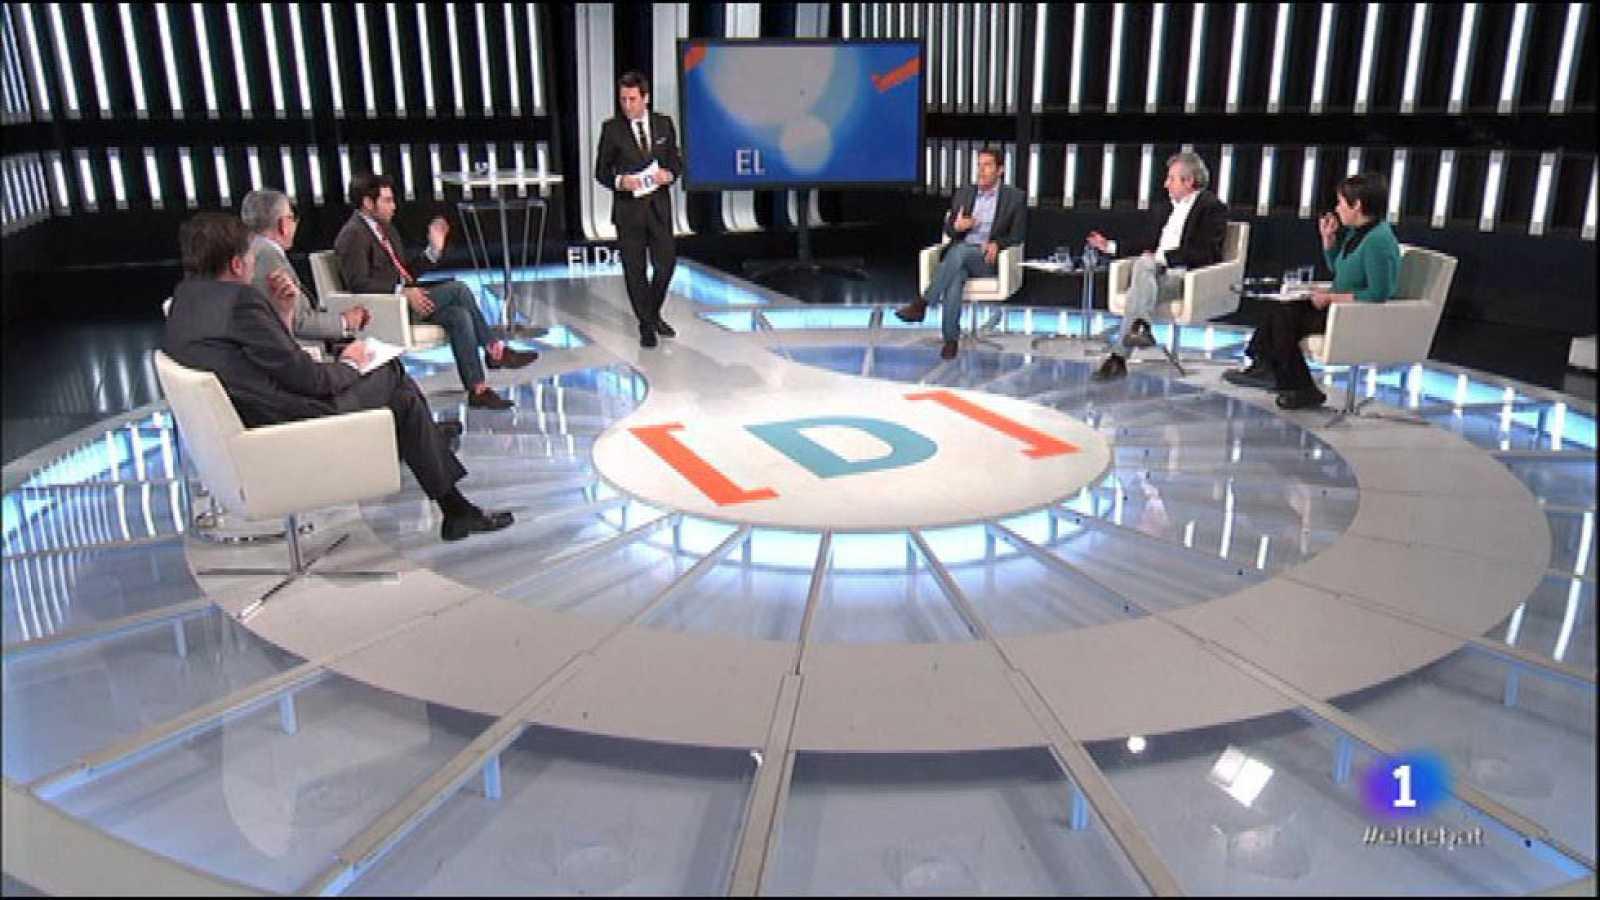 El debat de La 1 - El debat d'investidura de Pedro Sánchez